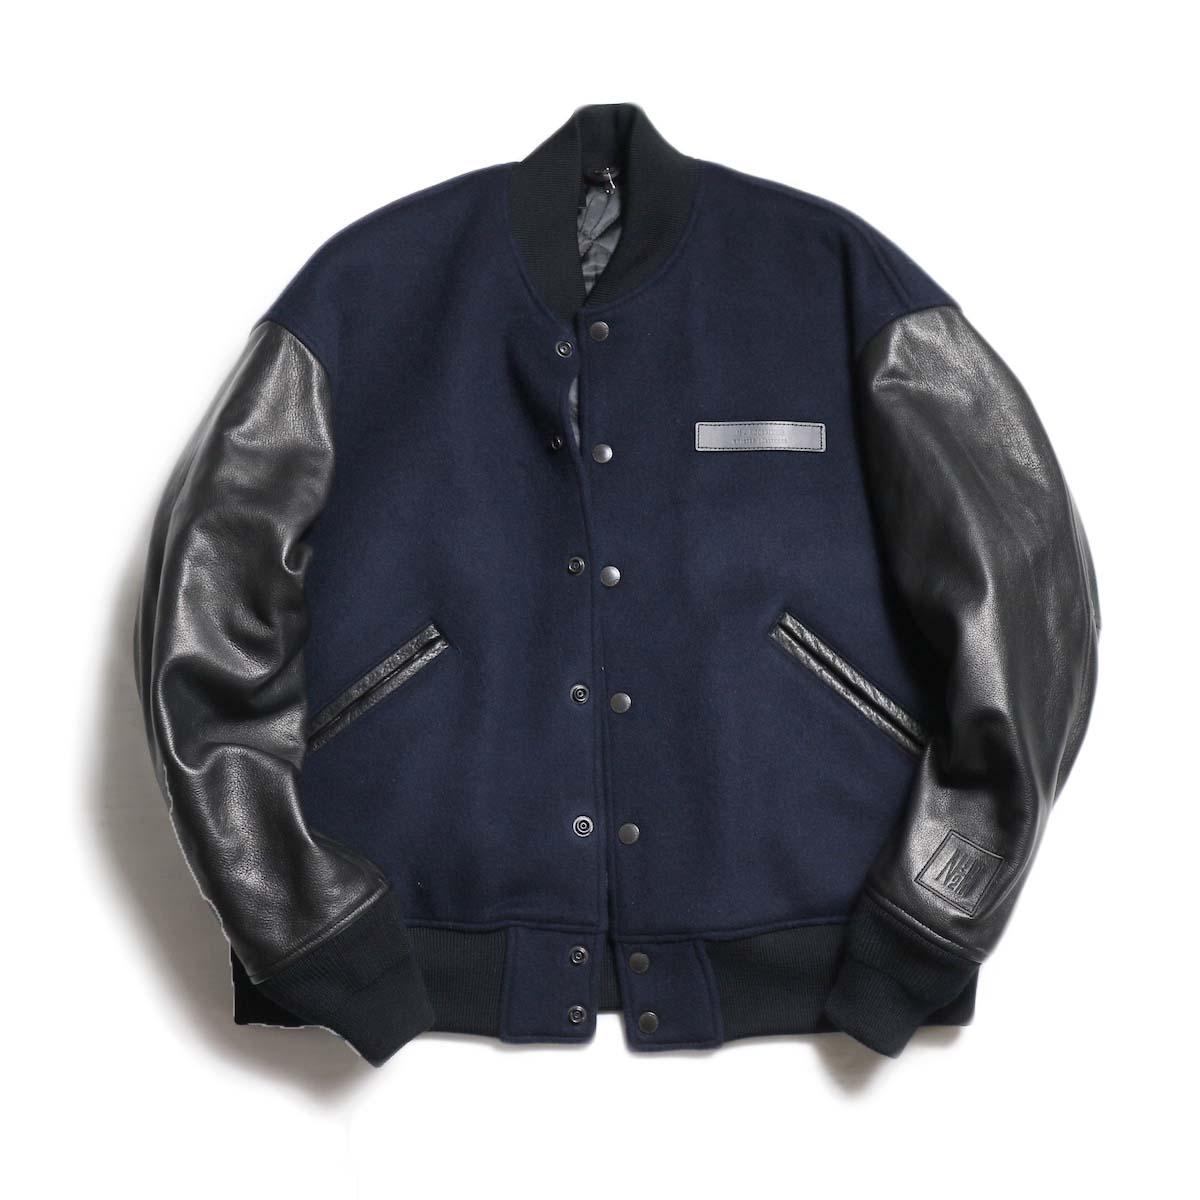 N.HOOLYWOOD / 282-LT01-002 Leather Stadium Jacket